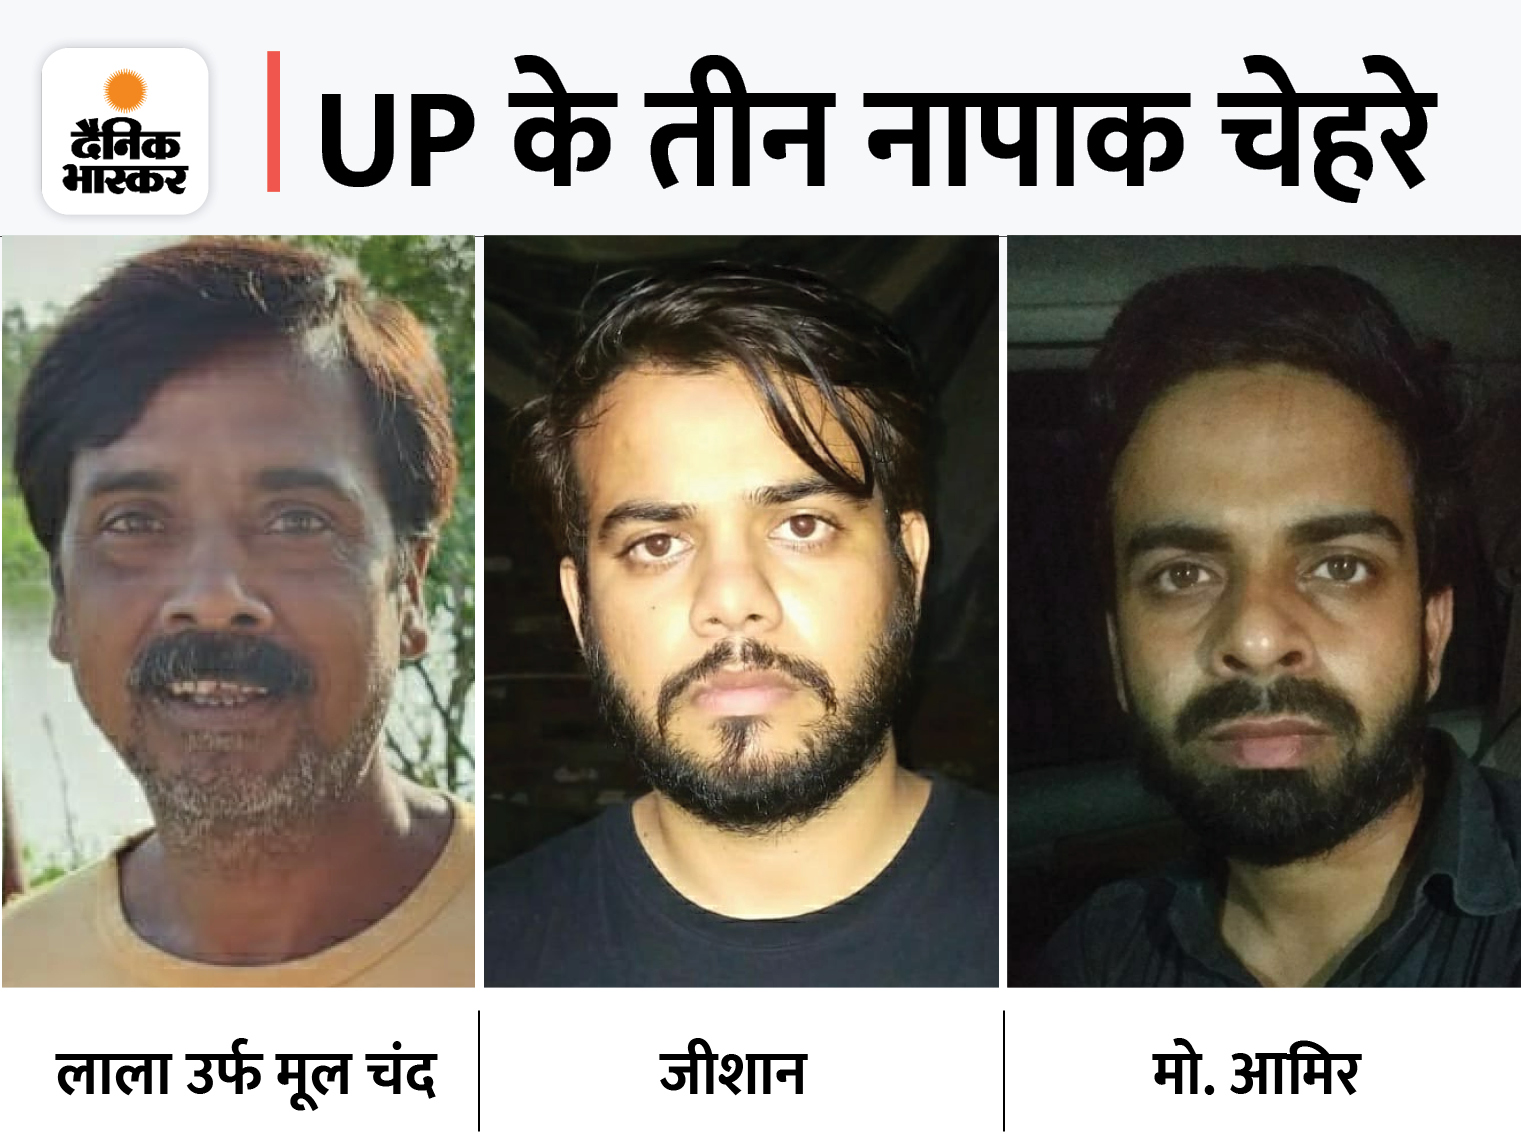 अलीगढ़ में PM की रैली से पहले गिरफ्तार हुए 4 जिलों से 3 संदिग्ध, ISI मॉड्यूल के एजेंट बताए जा रहे; एक IED बरामद|लखनऊ,Lucknow - Dainik Bhaskar